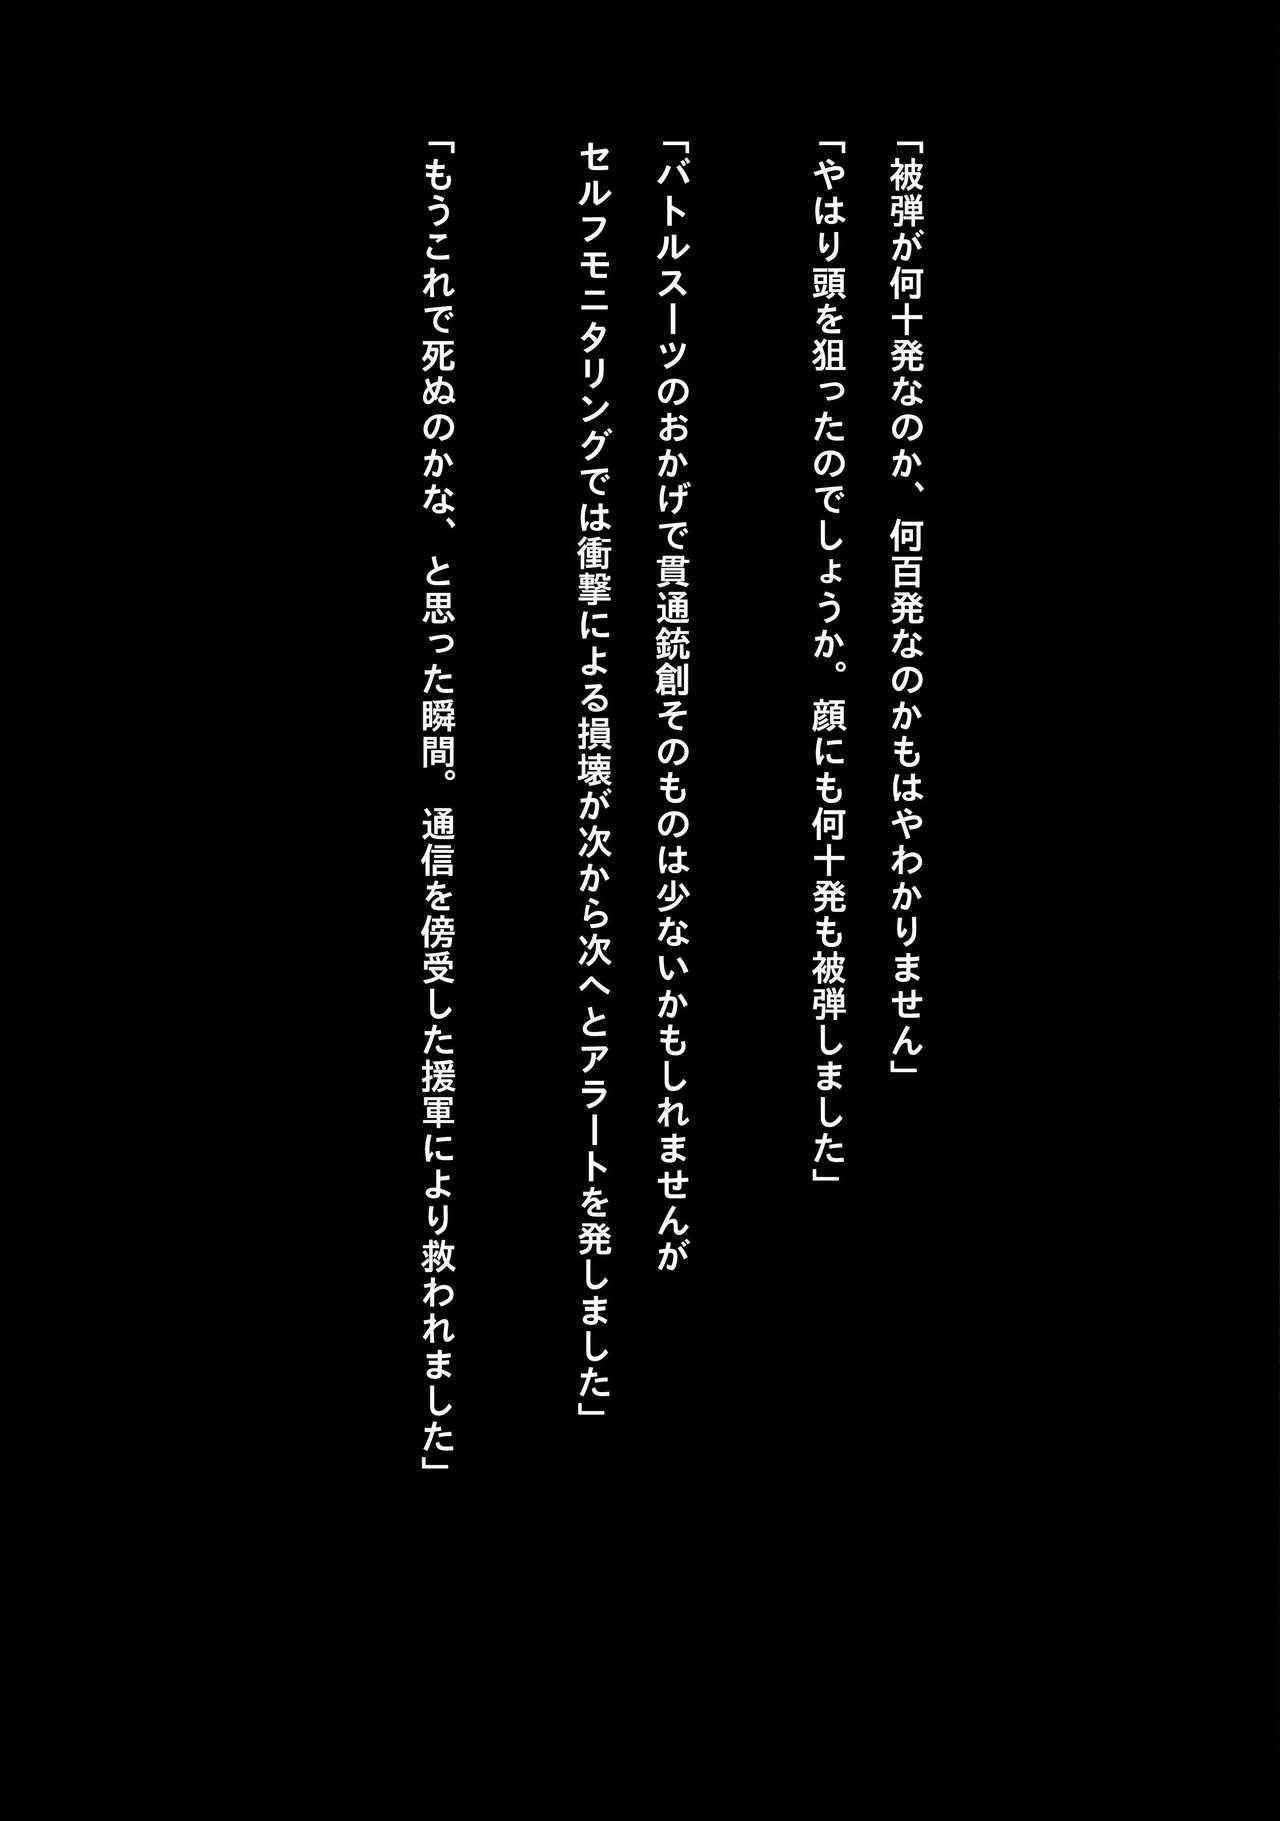 Idol Cyber Battle NEO GENERATOR episode 3 Seisan! Shi o kakugo shita shunkan 46